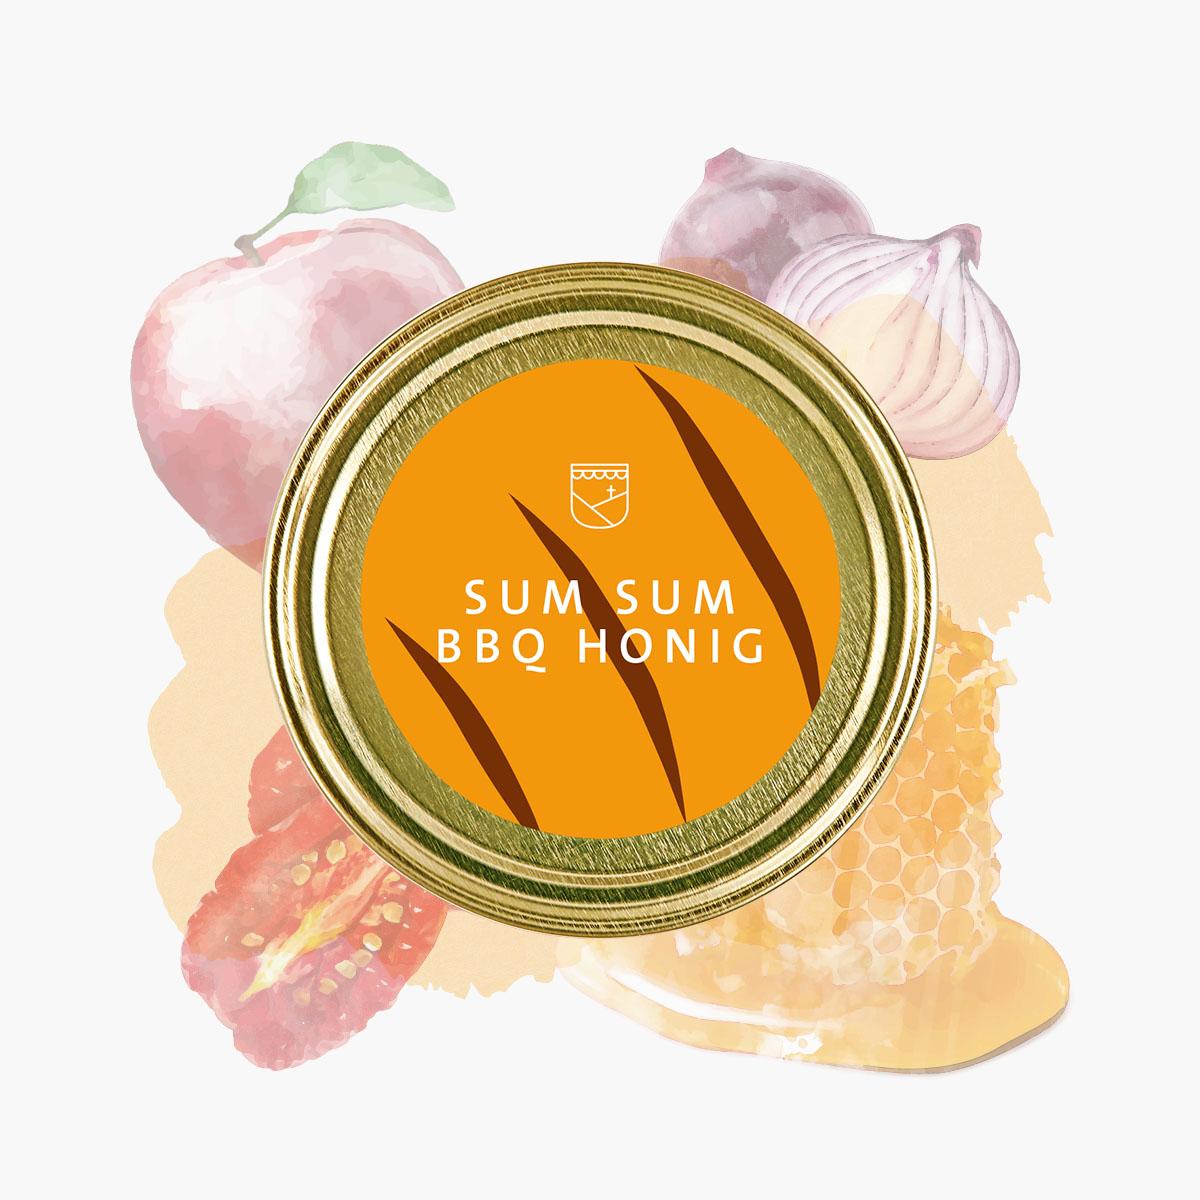 Sum Sum BBQ Honig von Essendorfer